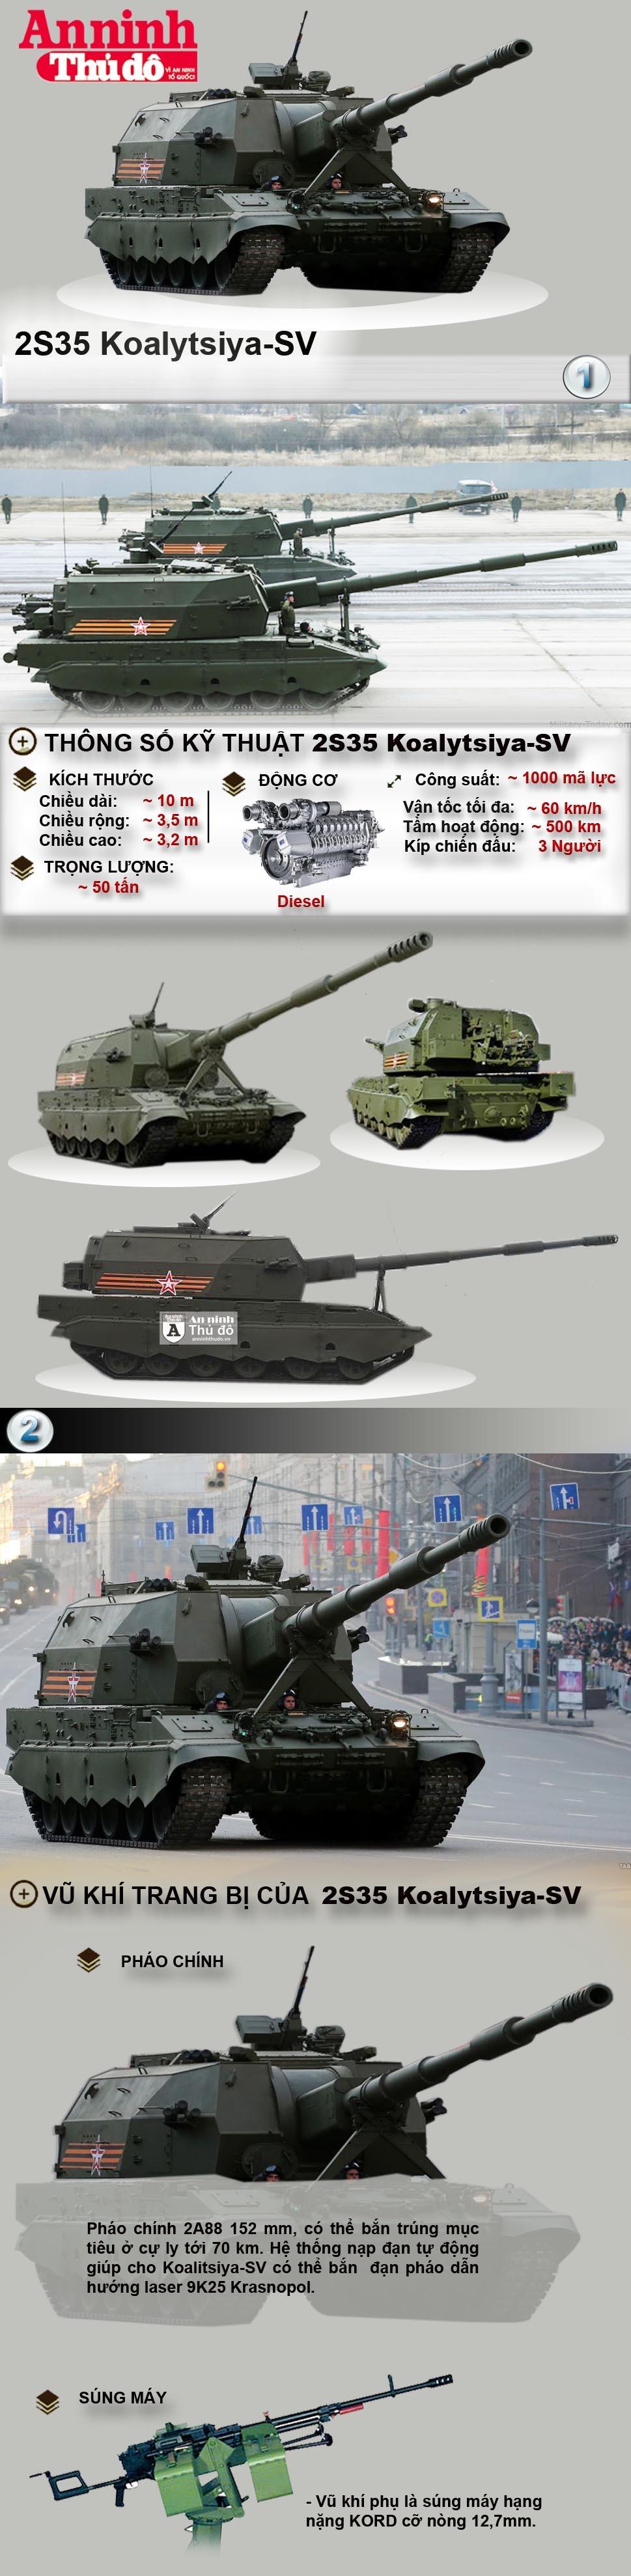 [Infographic] Koalitsiya-SV – Hệ thống lựu pháo tự hành ''khủng'' của pháo binh Nga ảnh 2